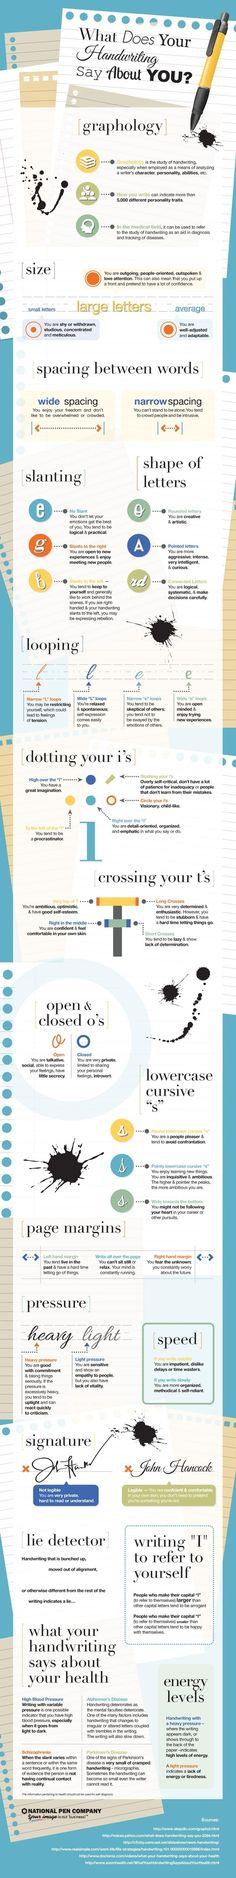 handwriting analyser - infographic